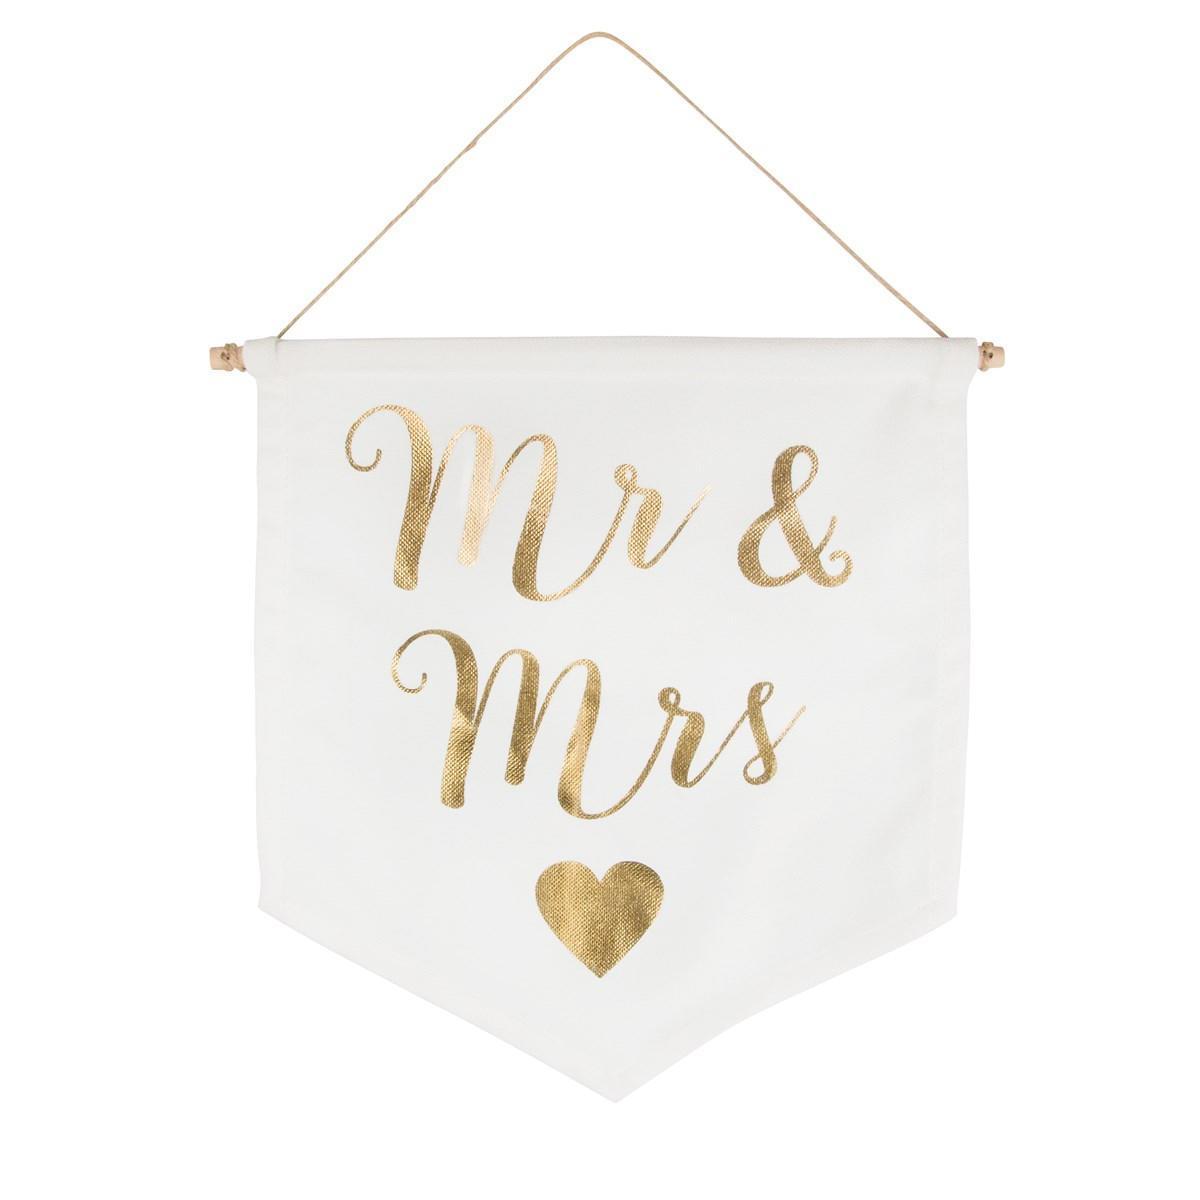 sass & belle Dekorativní vlaječka Mr & Mrs, bílá barva, zlatá barva, dřevo, textil